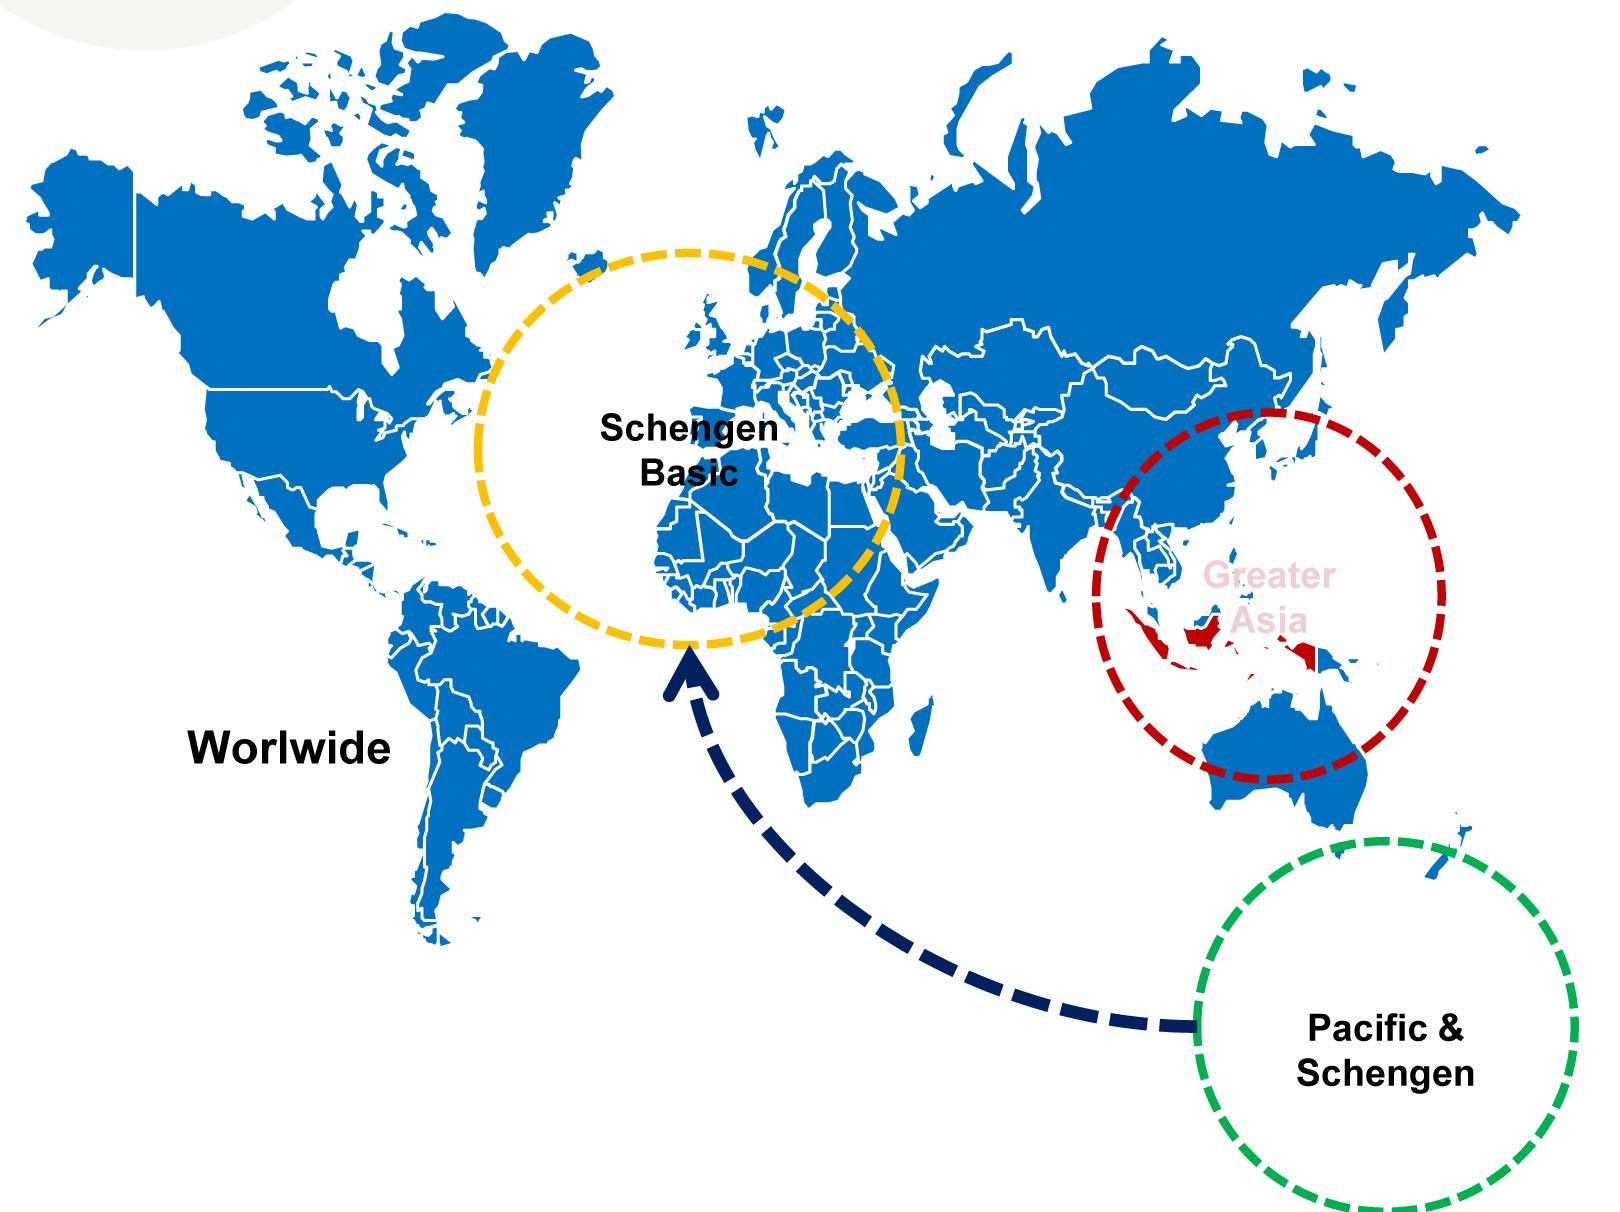 peta wilayah pertanggungan asuransi perjalanan syariah allianz